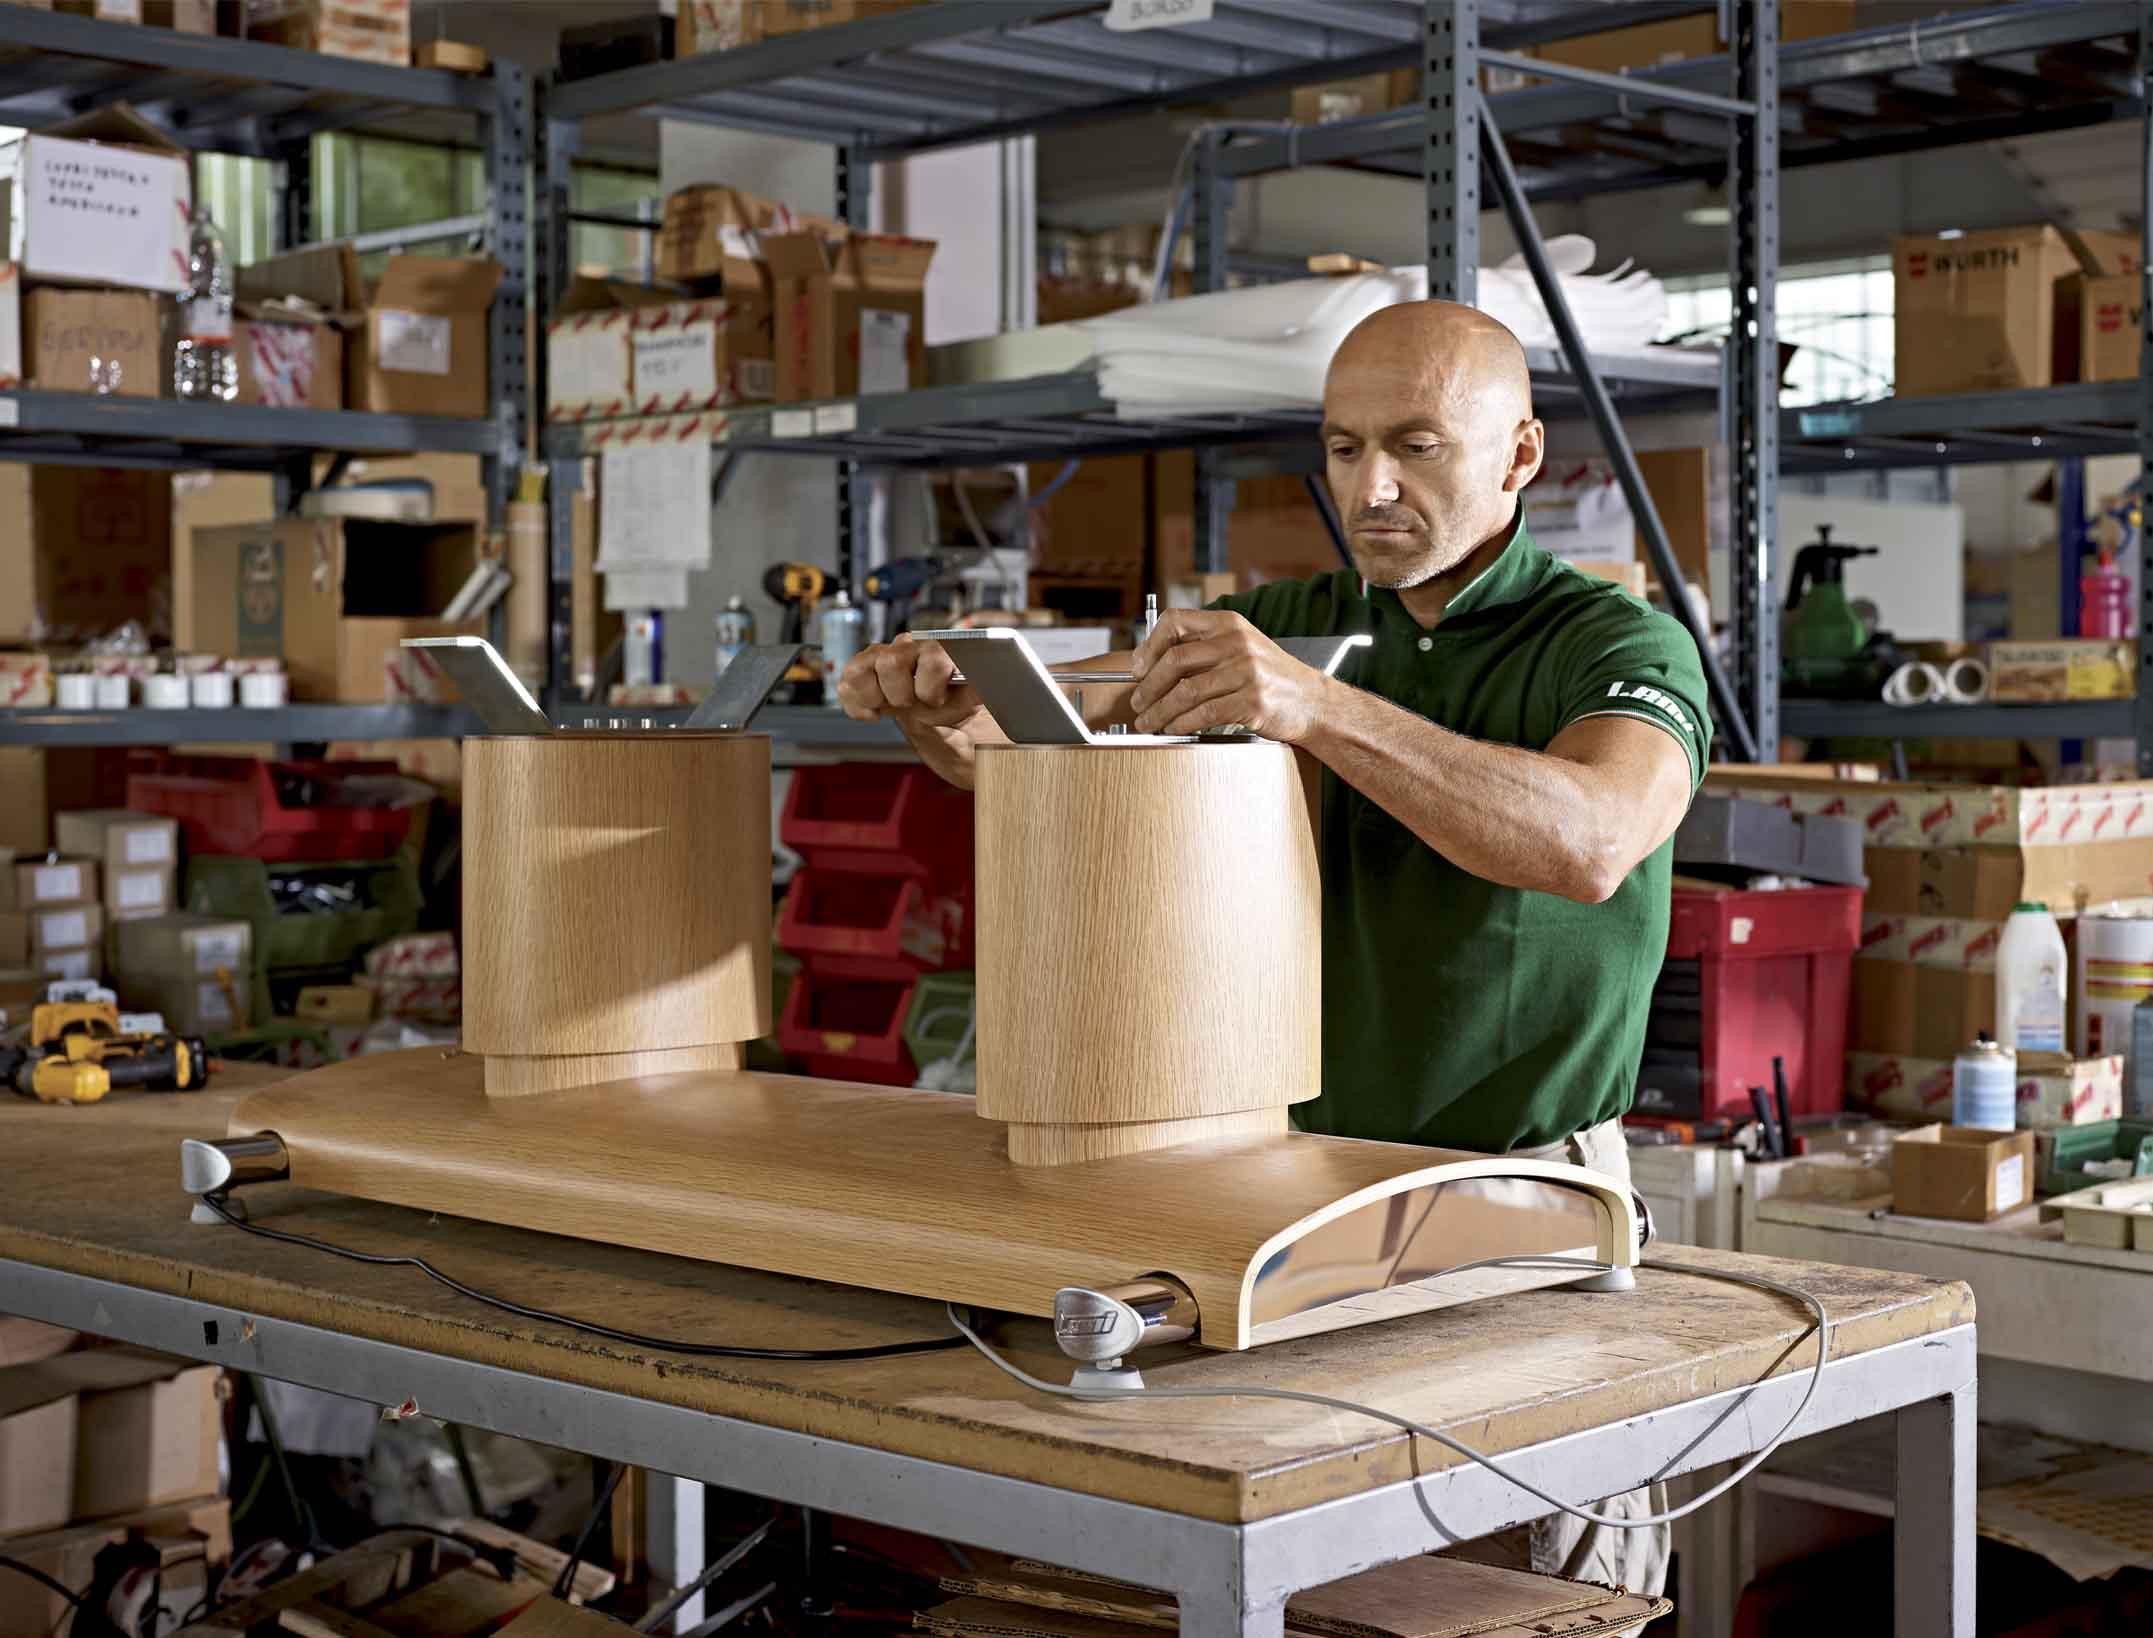 Hoe worden de lemi producten gemaakt?